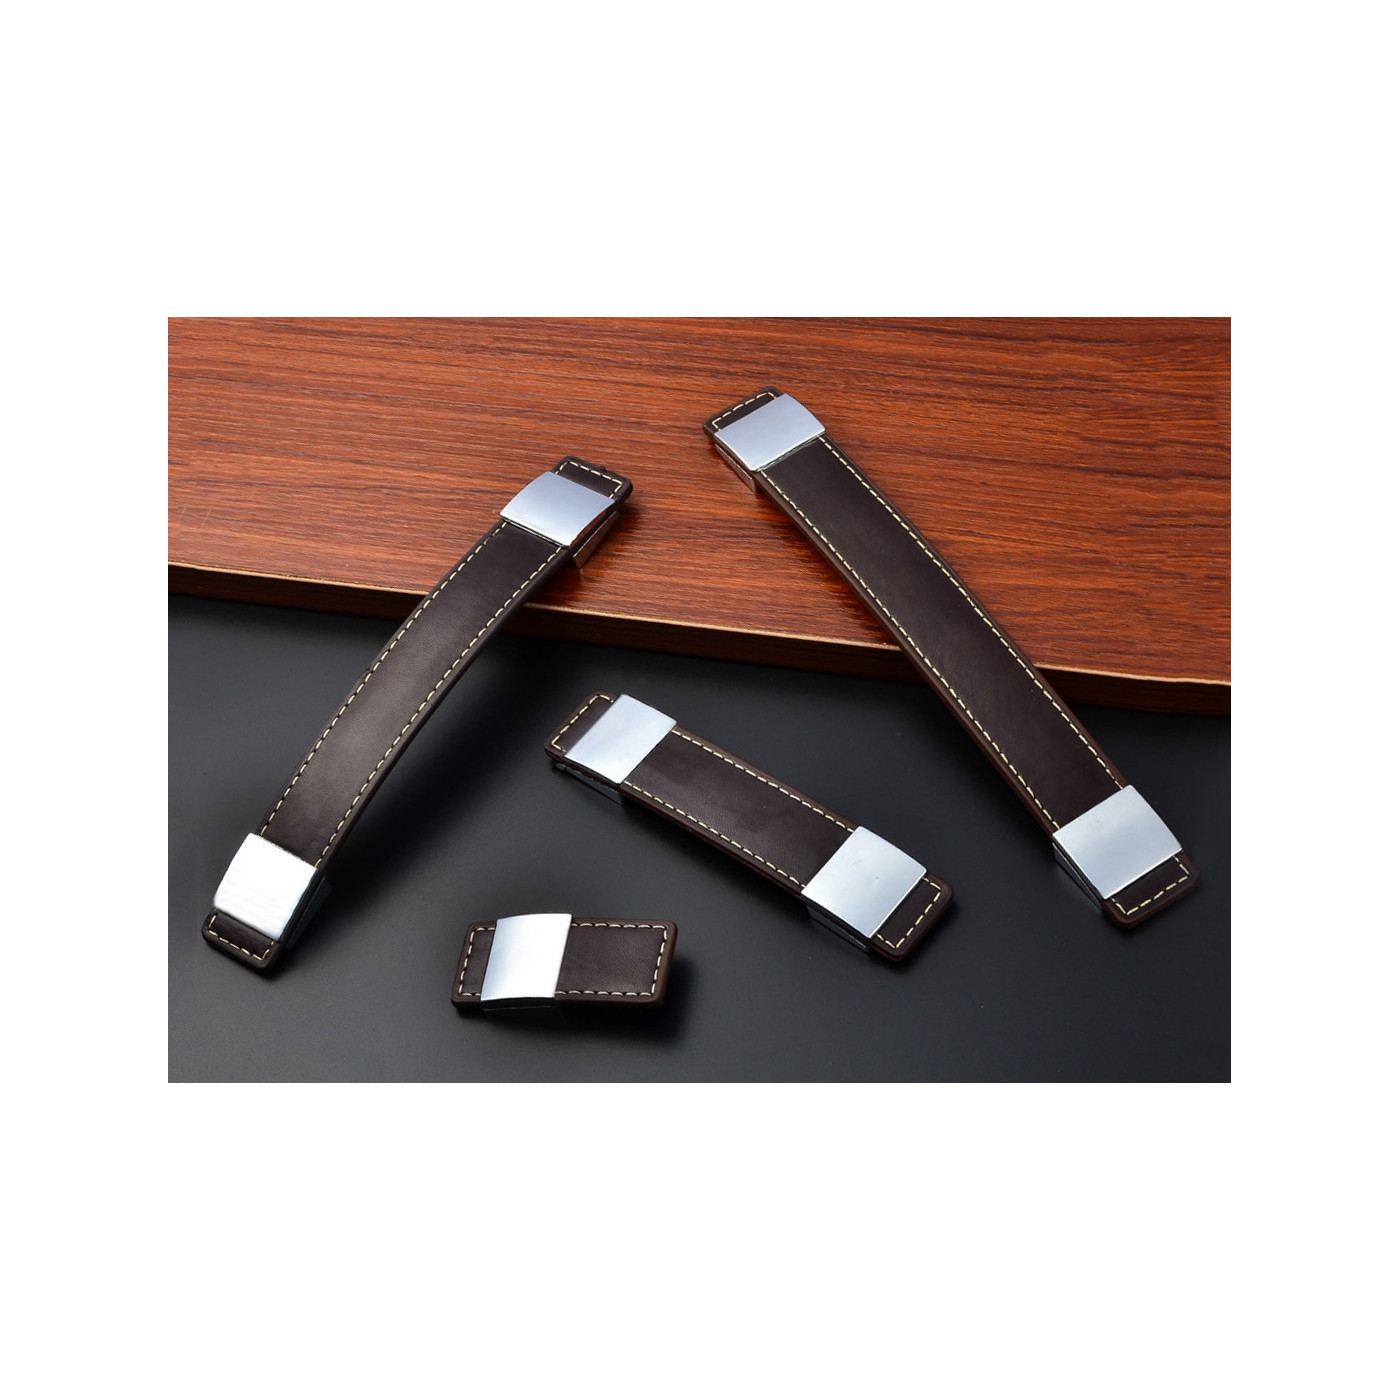 Set van 4 lederen handgrepen meubels (69x30 mm, donkerbruin)